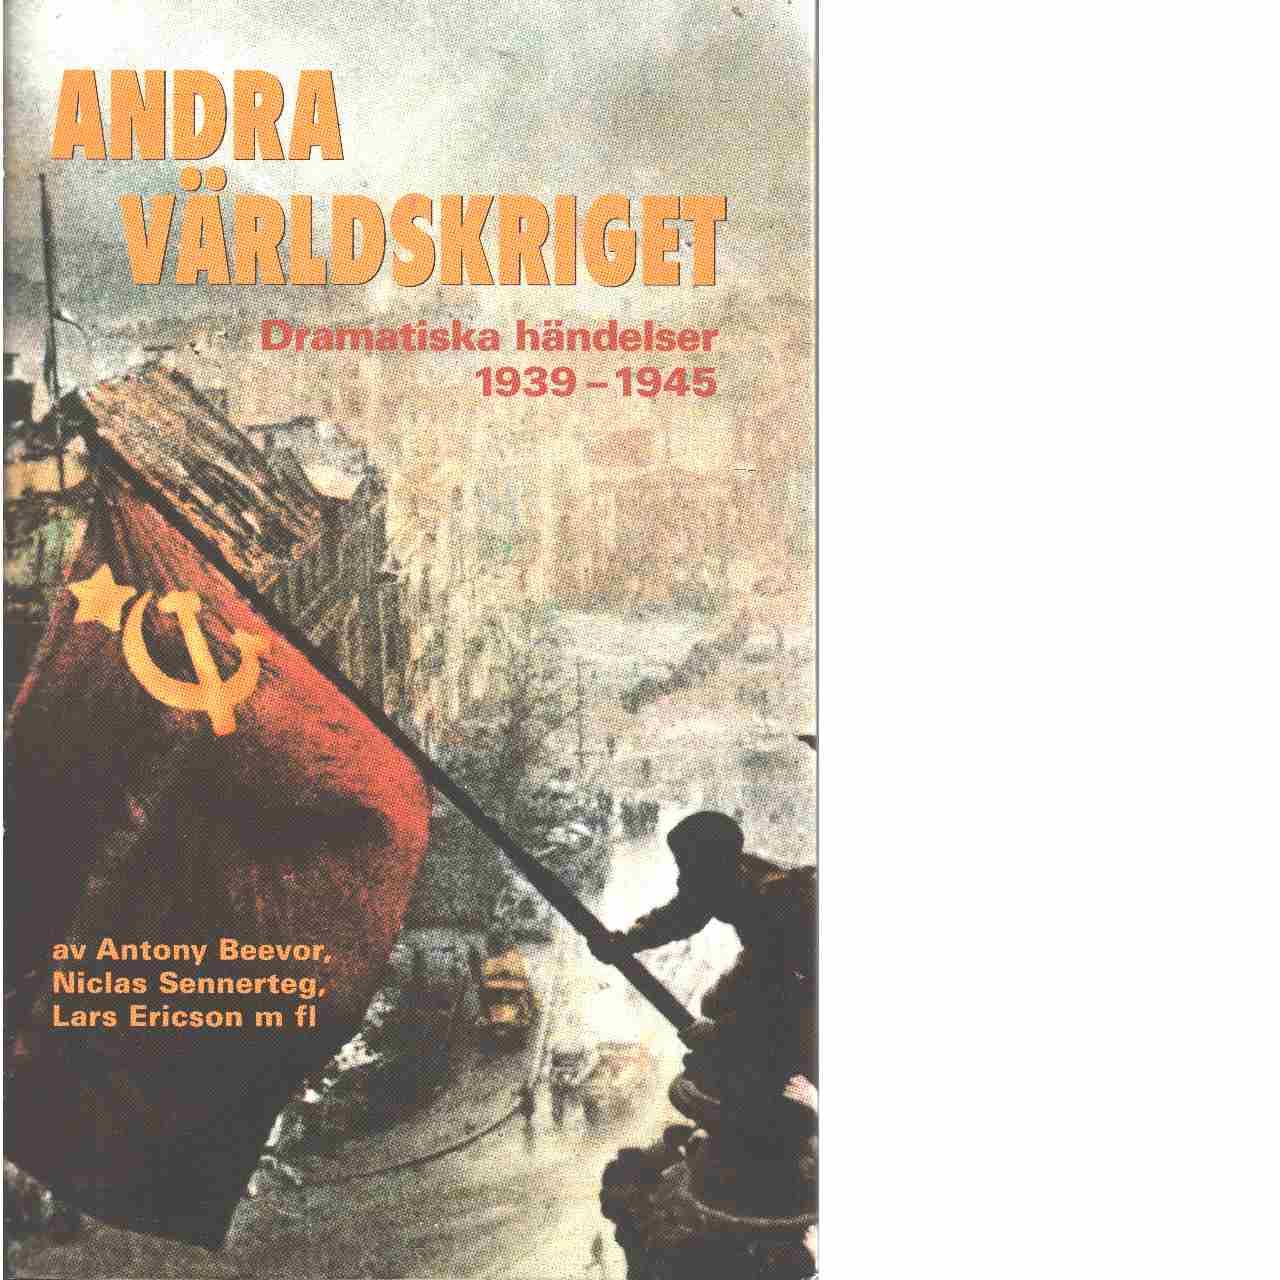 Andra världskriget : dramatiska händelser 1939-1945 - Red. Andersson, Björn